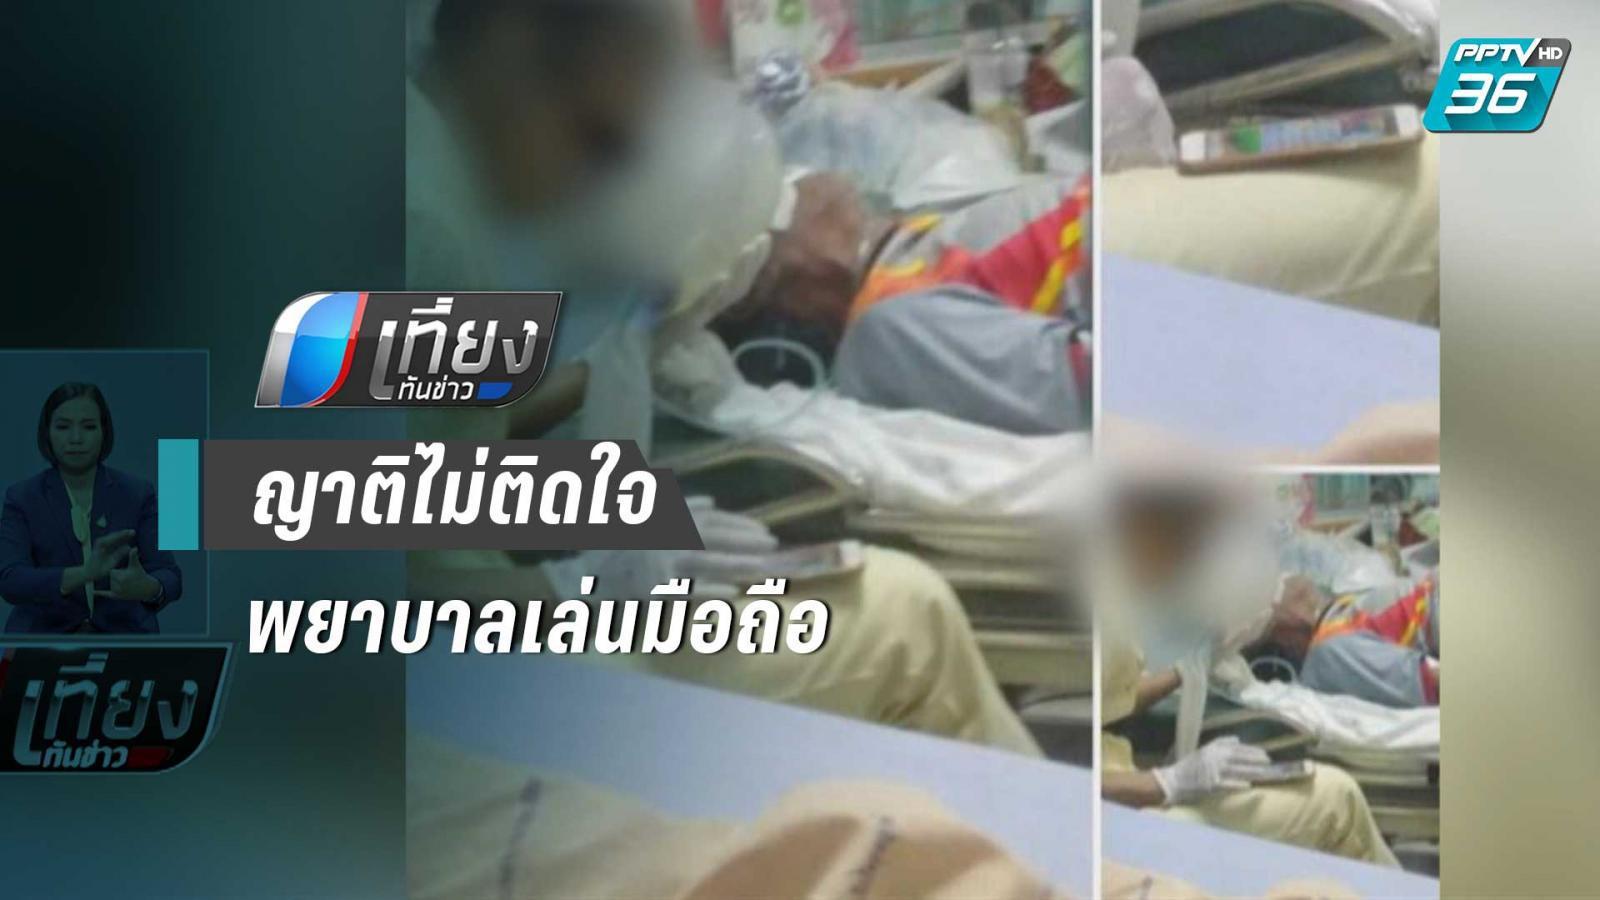 รพ.หิ้วกระเช้าขอโทษ พยาบาลเล่นมือถือ ญาติไม่ติดใจเอาความ กำชับให้ปรับปรุง